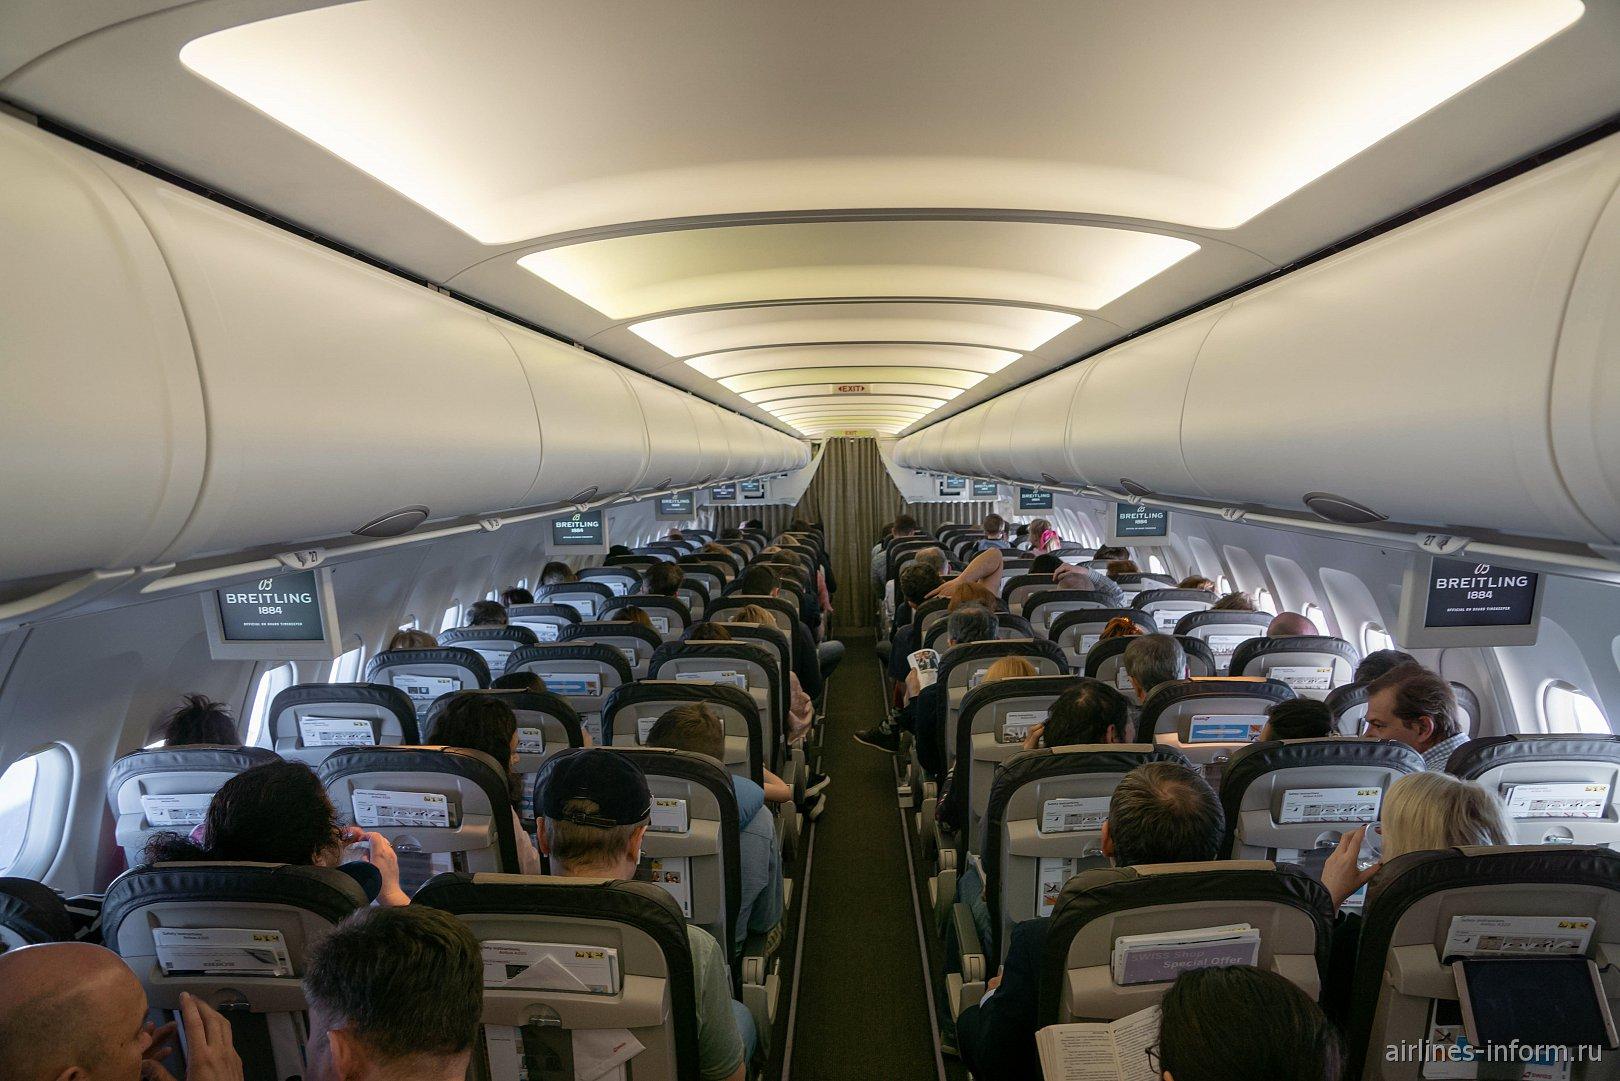 Салон самолета Airbus A320 авиакомпании SWISS